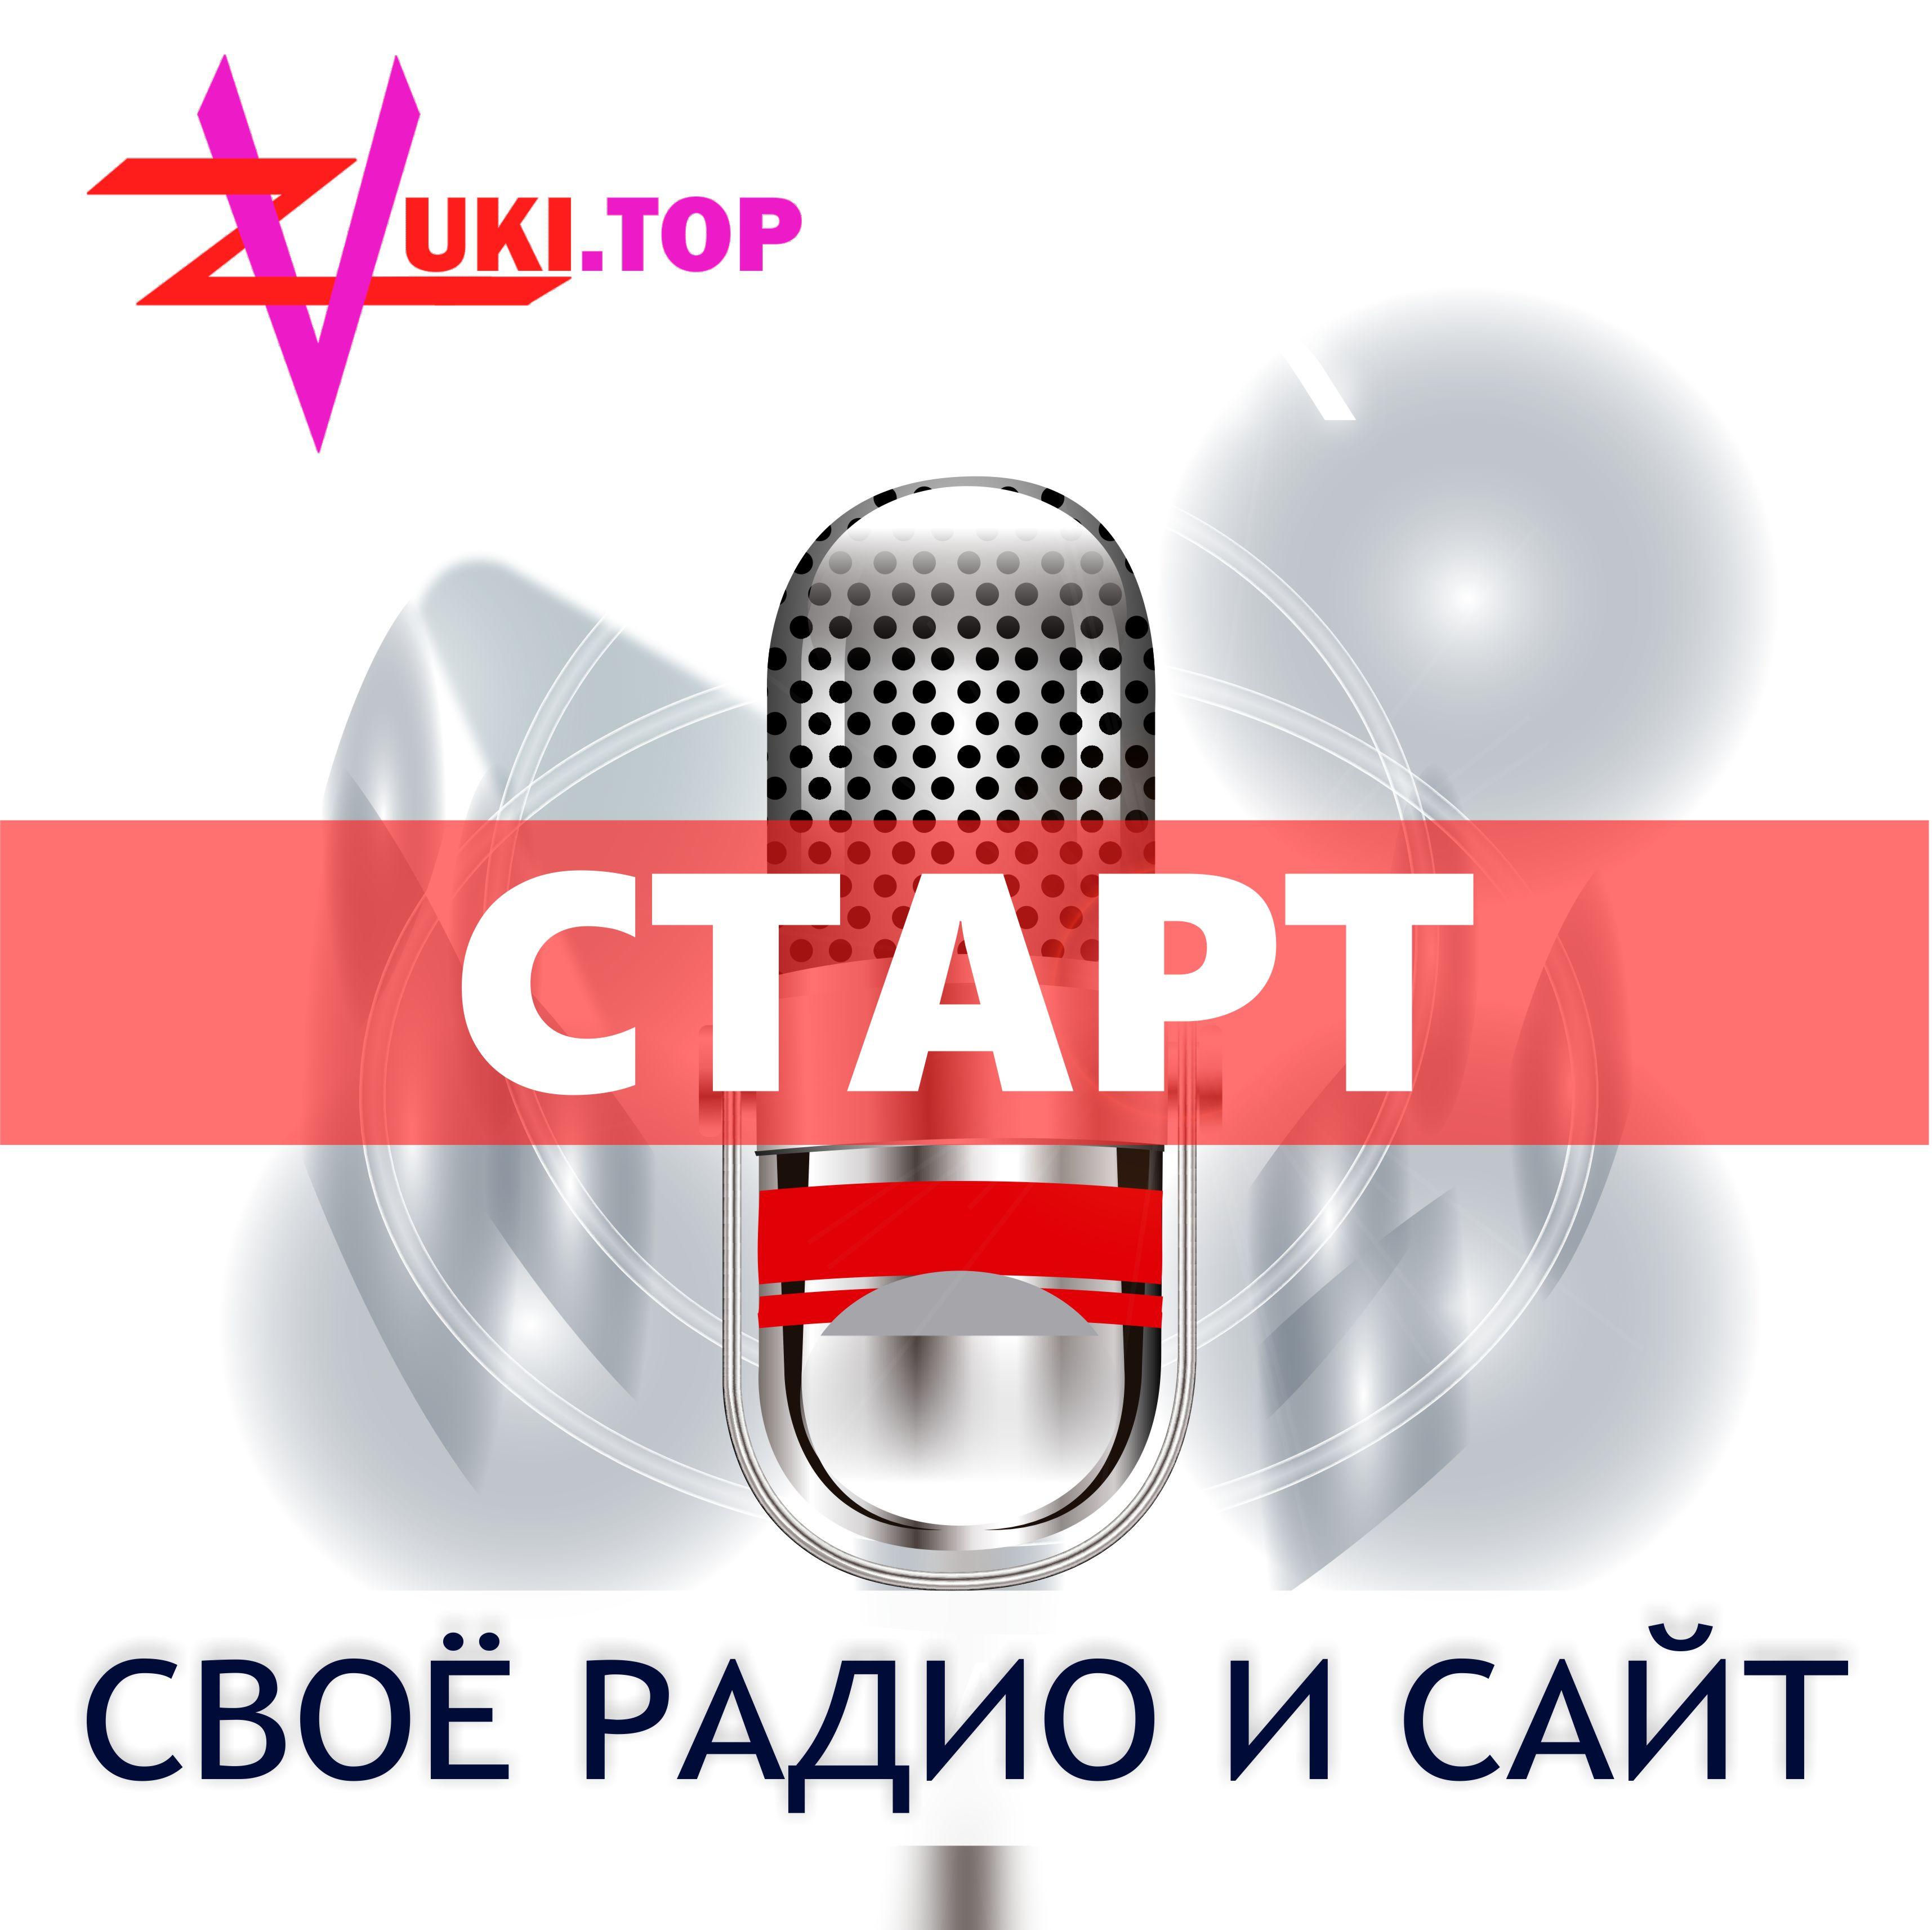 Онлайн радио купить хостинг бесплатный хостинг с cms